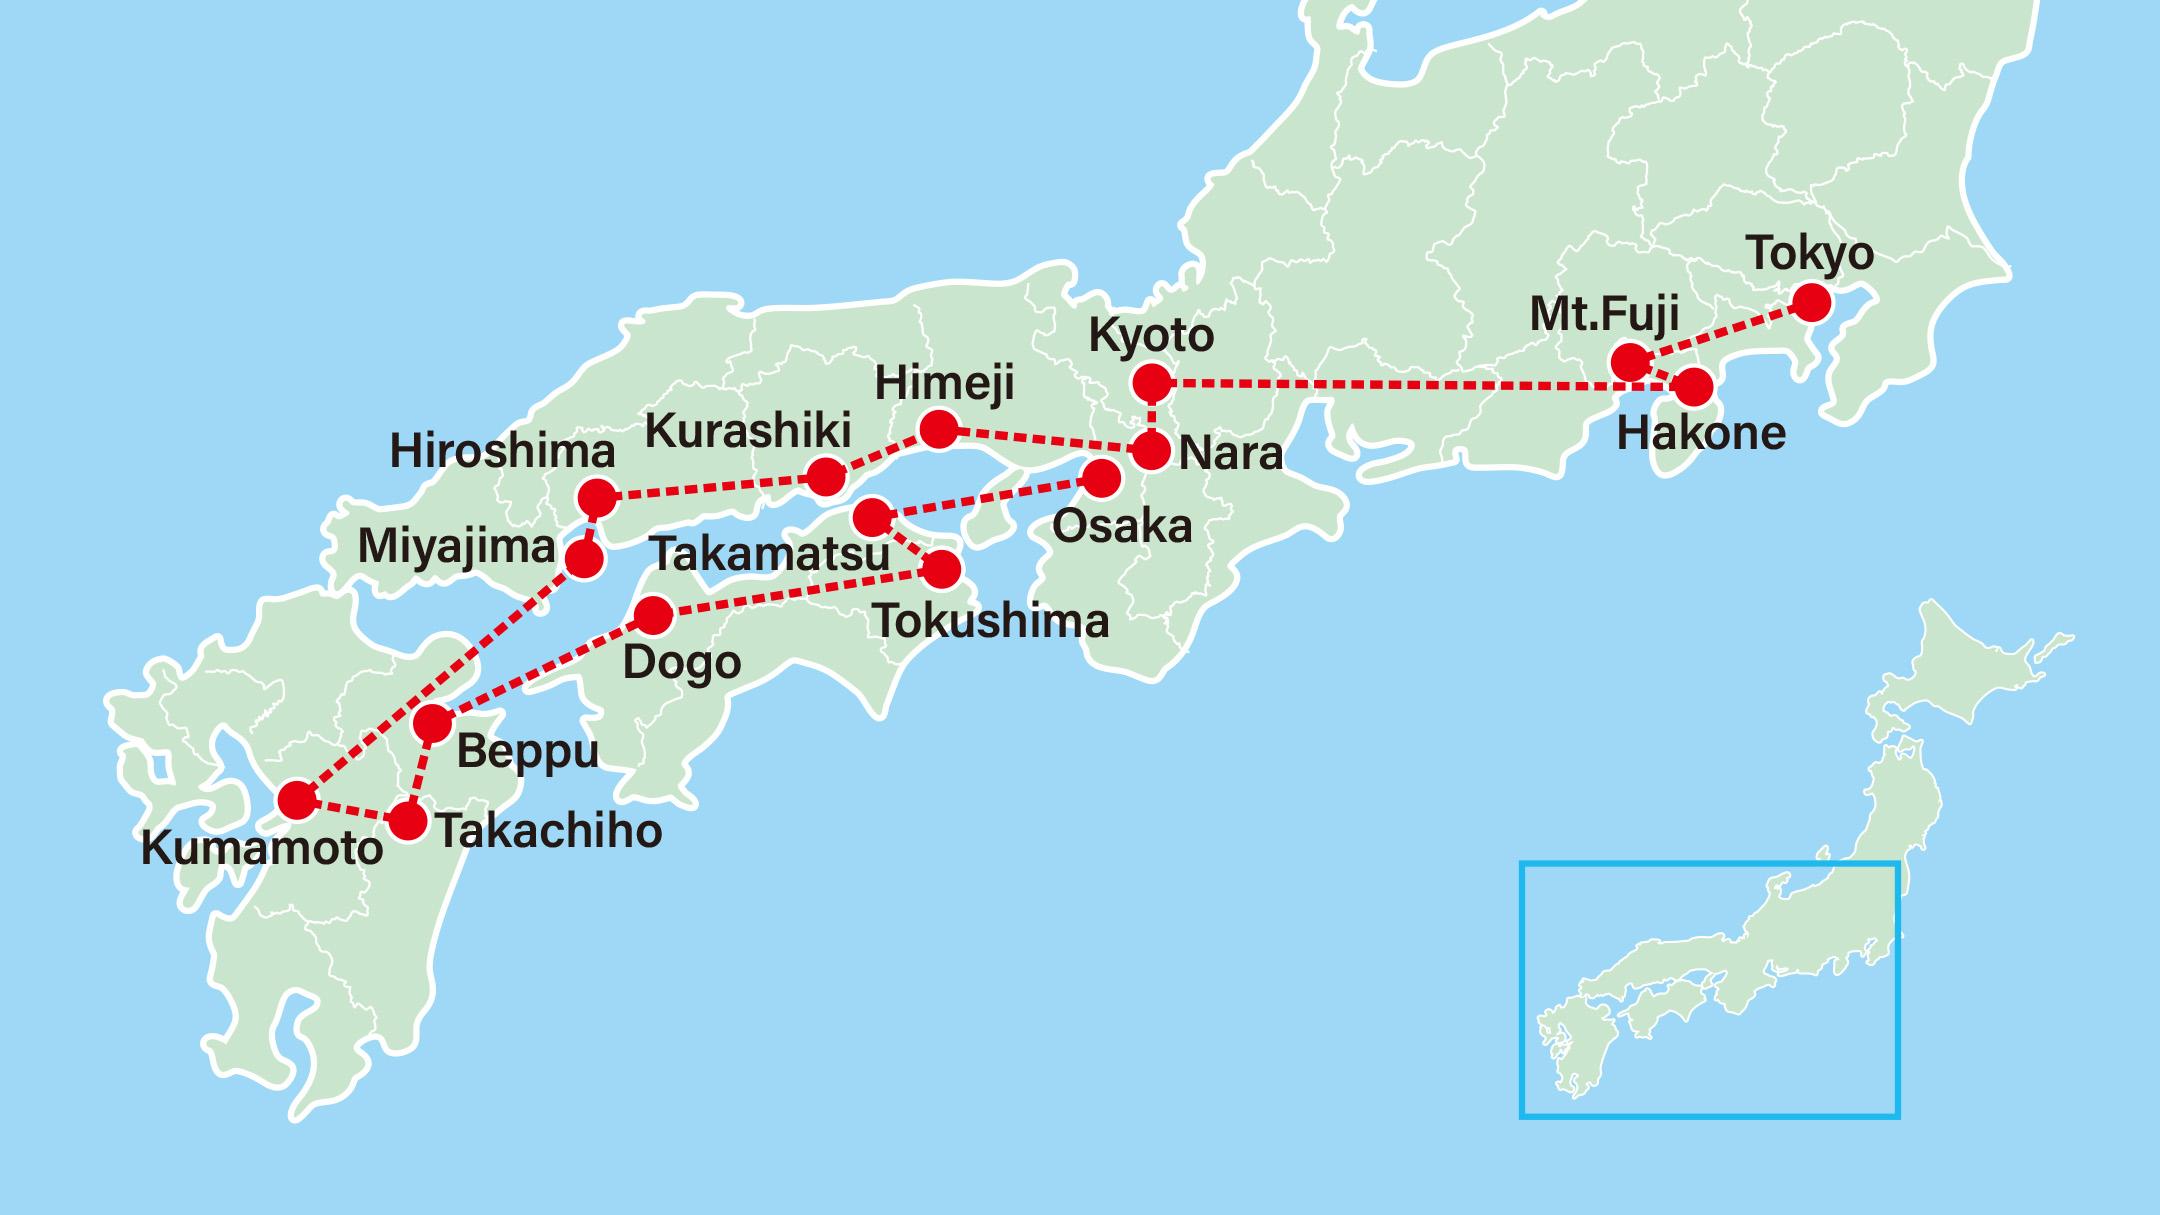 Anime Japan EXPO 2020 15 Days-Tokyo-Yokohama-Mt. Fuji-Hakone-Kyoto-Nara-Himeji-Kurashiki-Hiroshima-Miyajima-Kumamoto-Takechiho-Beppu-Dogo-Ritsurin Garden-Tokushima-Osaka